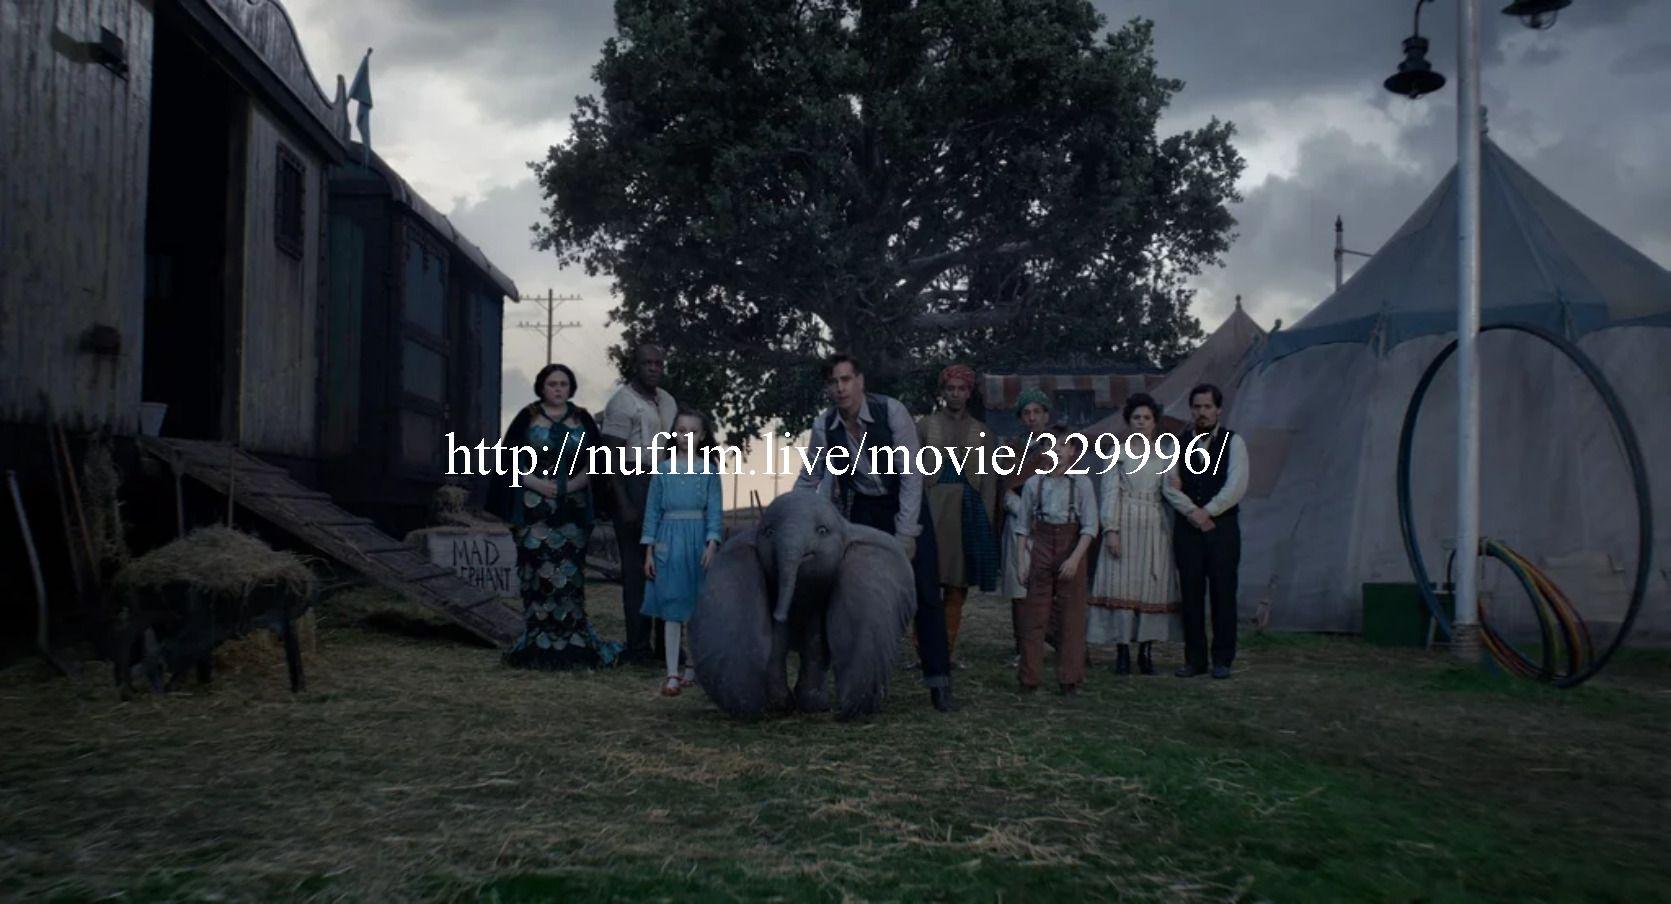 Pin by Blo Glendir on Ñü Film in 2019 Movies, Walt